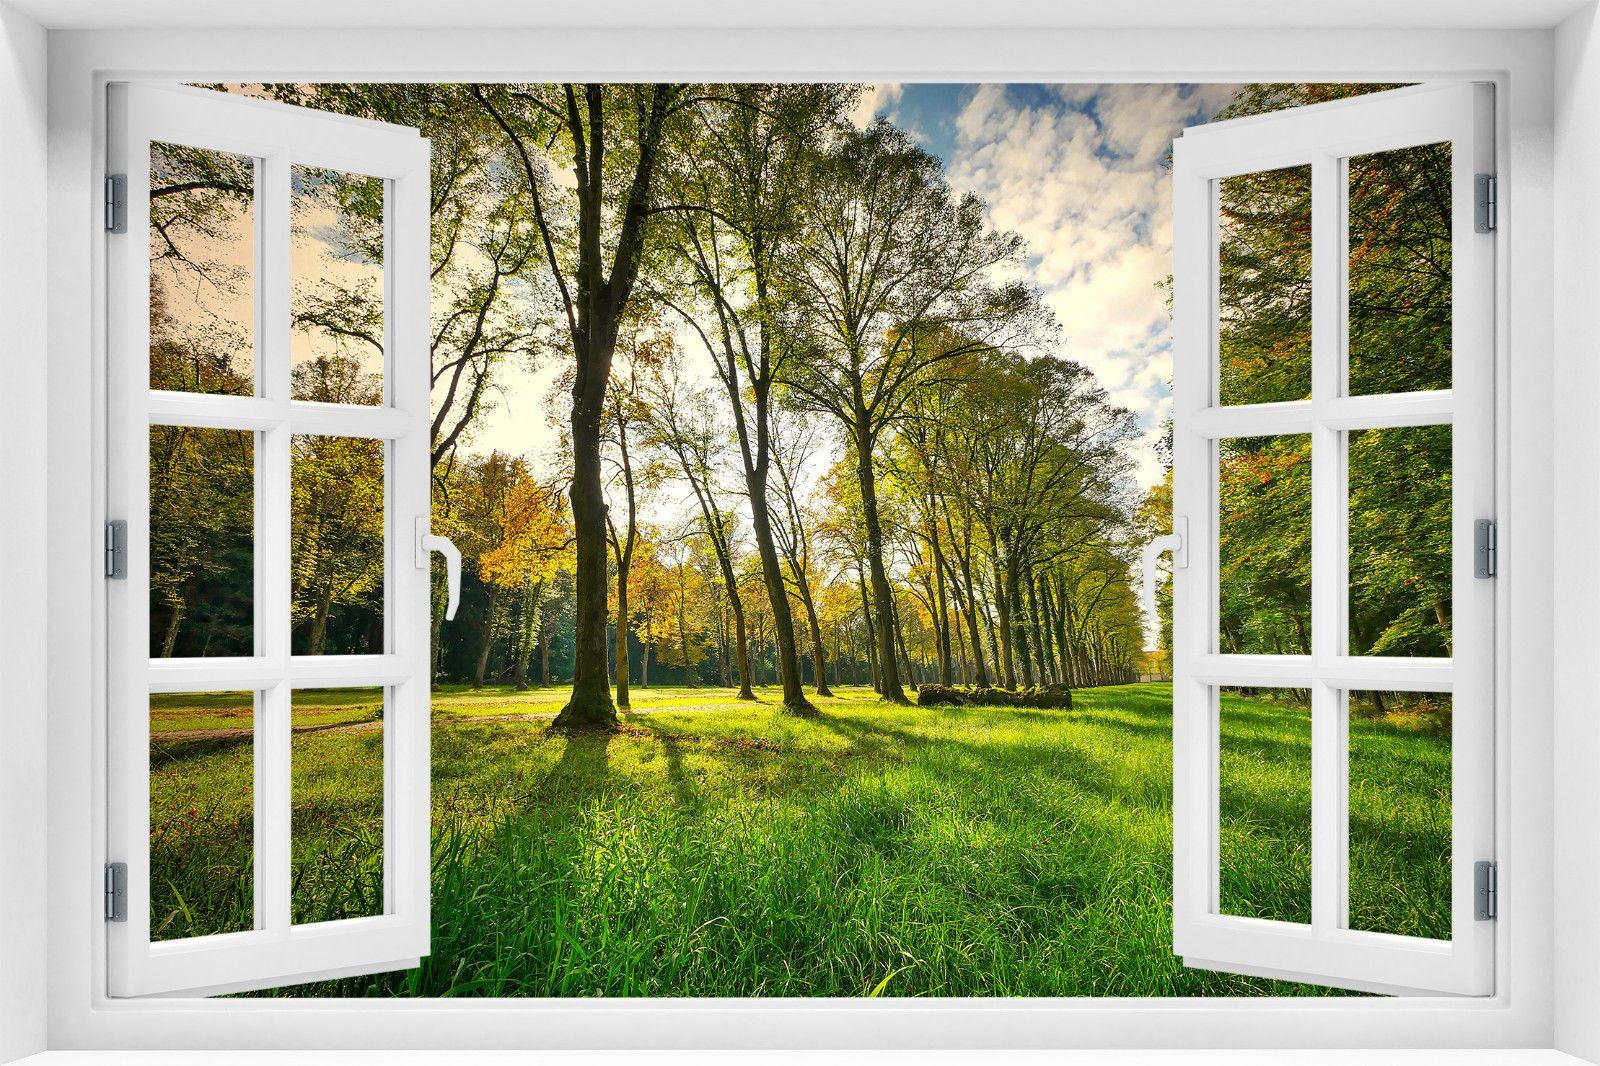 Foto Tapete 3d Abstrakte Baum Bunte Ölgemälde Wandmalereien Wohnzimmer Esszimmer Kunst Hintergrund Wand Tuch Papel De Parede Heimwerker